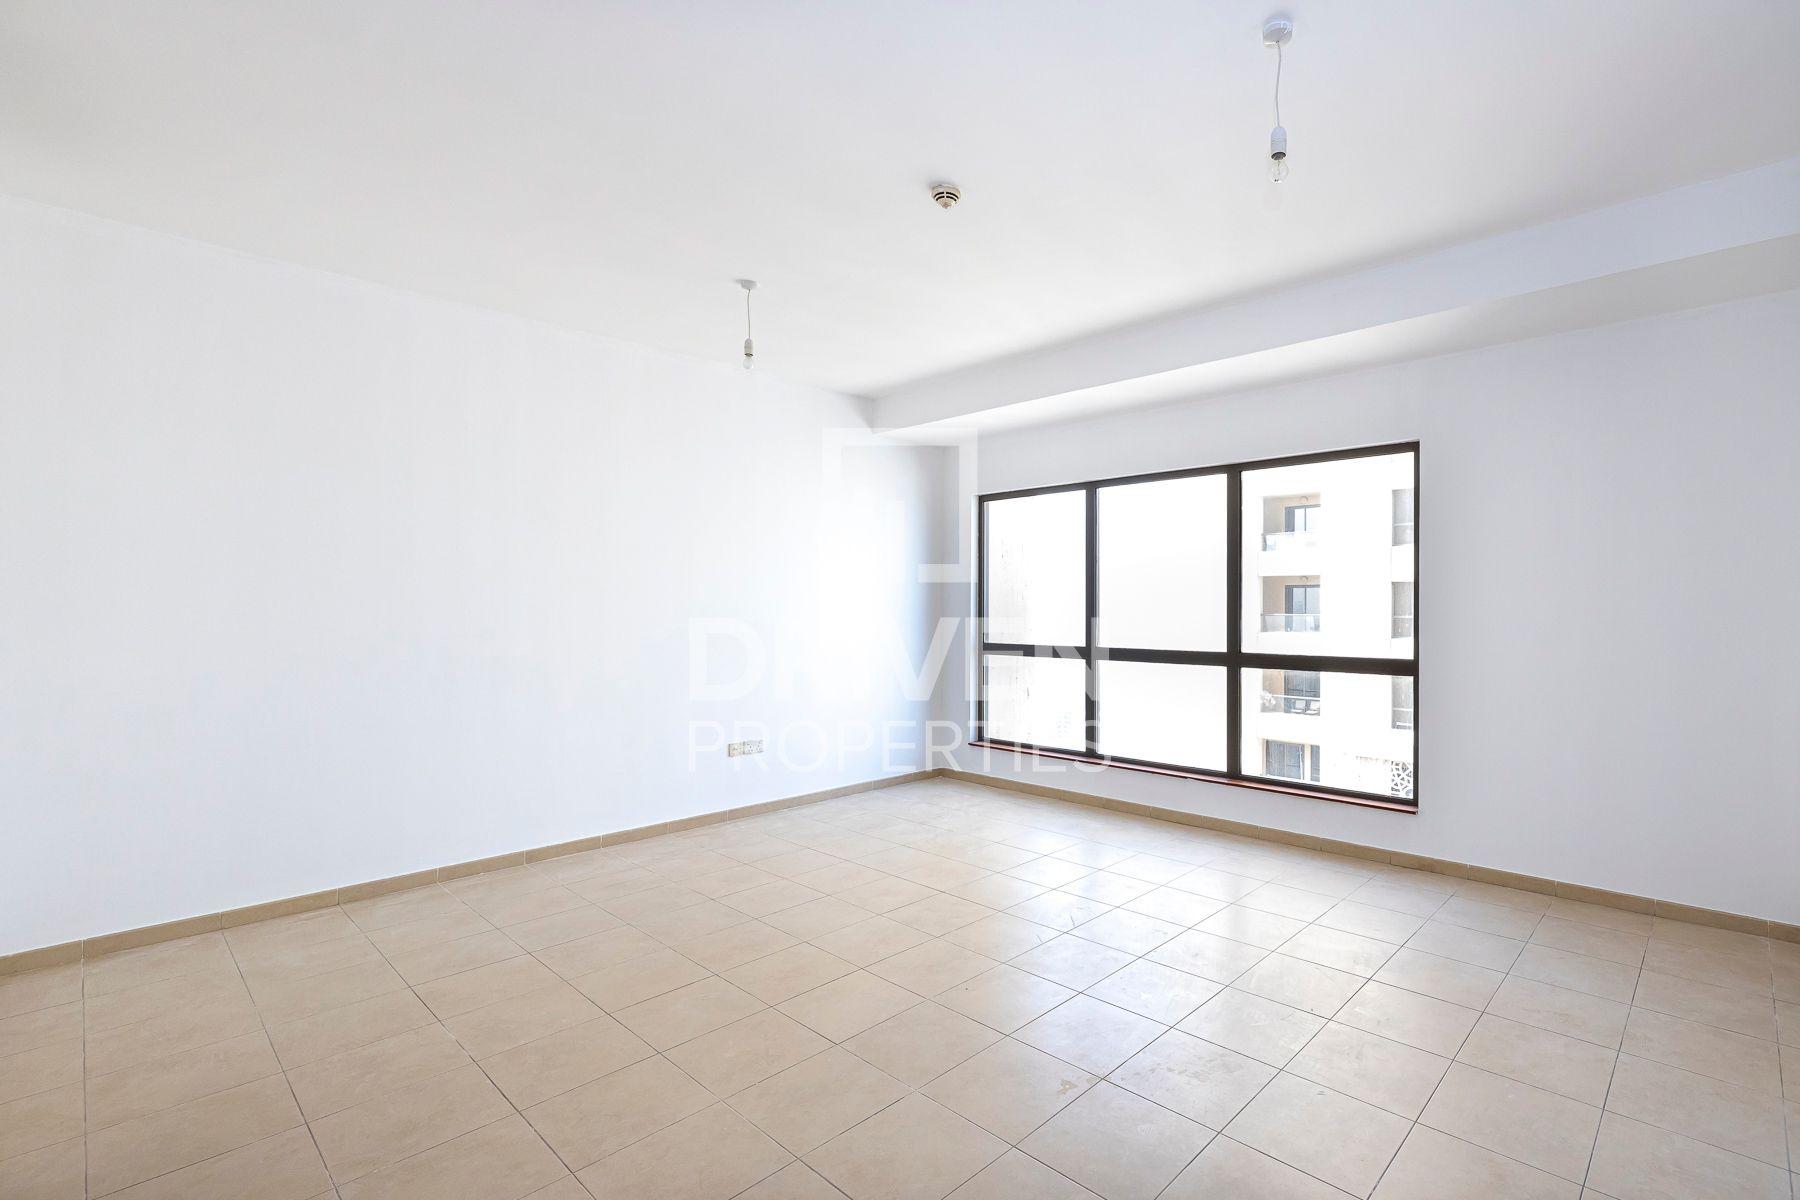 1,276 قدم مربع  شقة - للايجار - مساكن شاطئ الجميرا